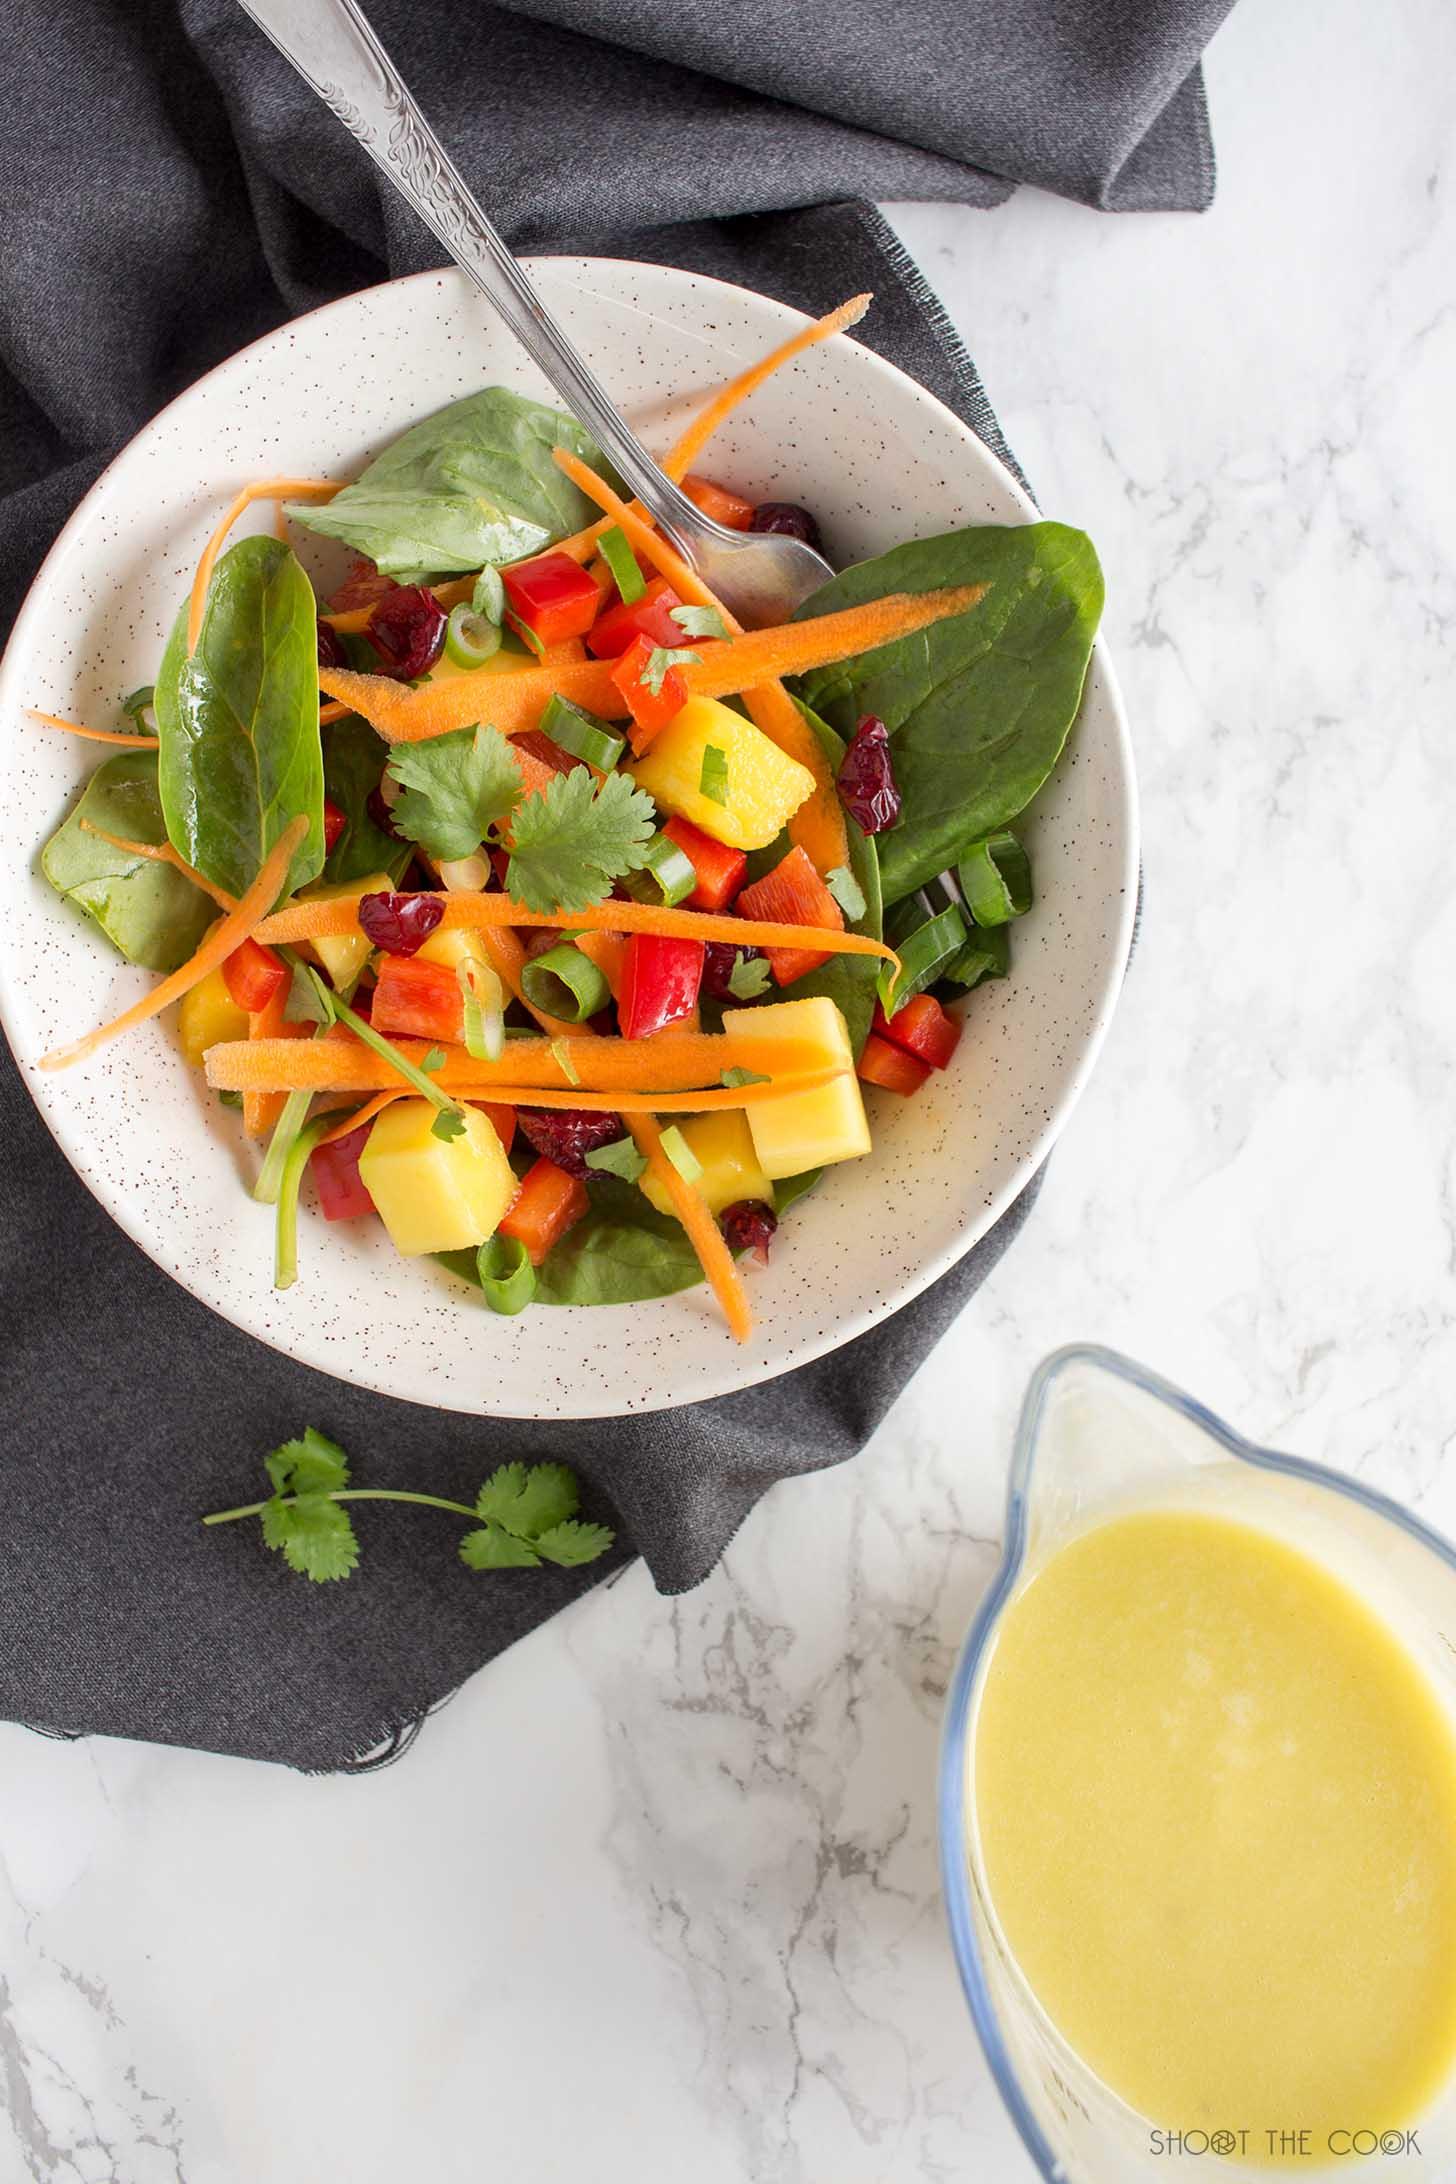 ensalada con mango y espinacas